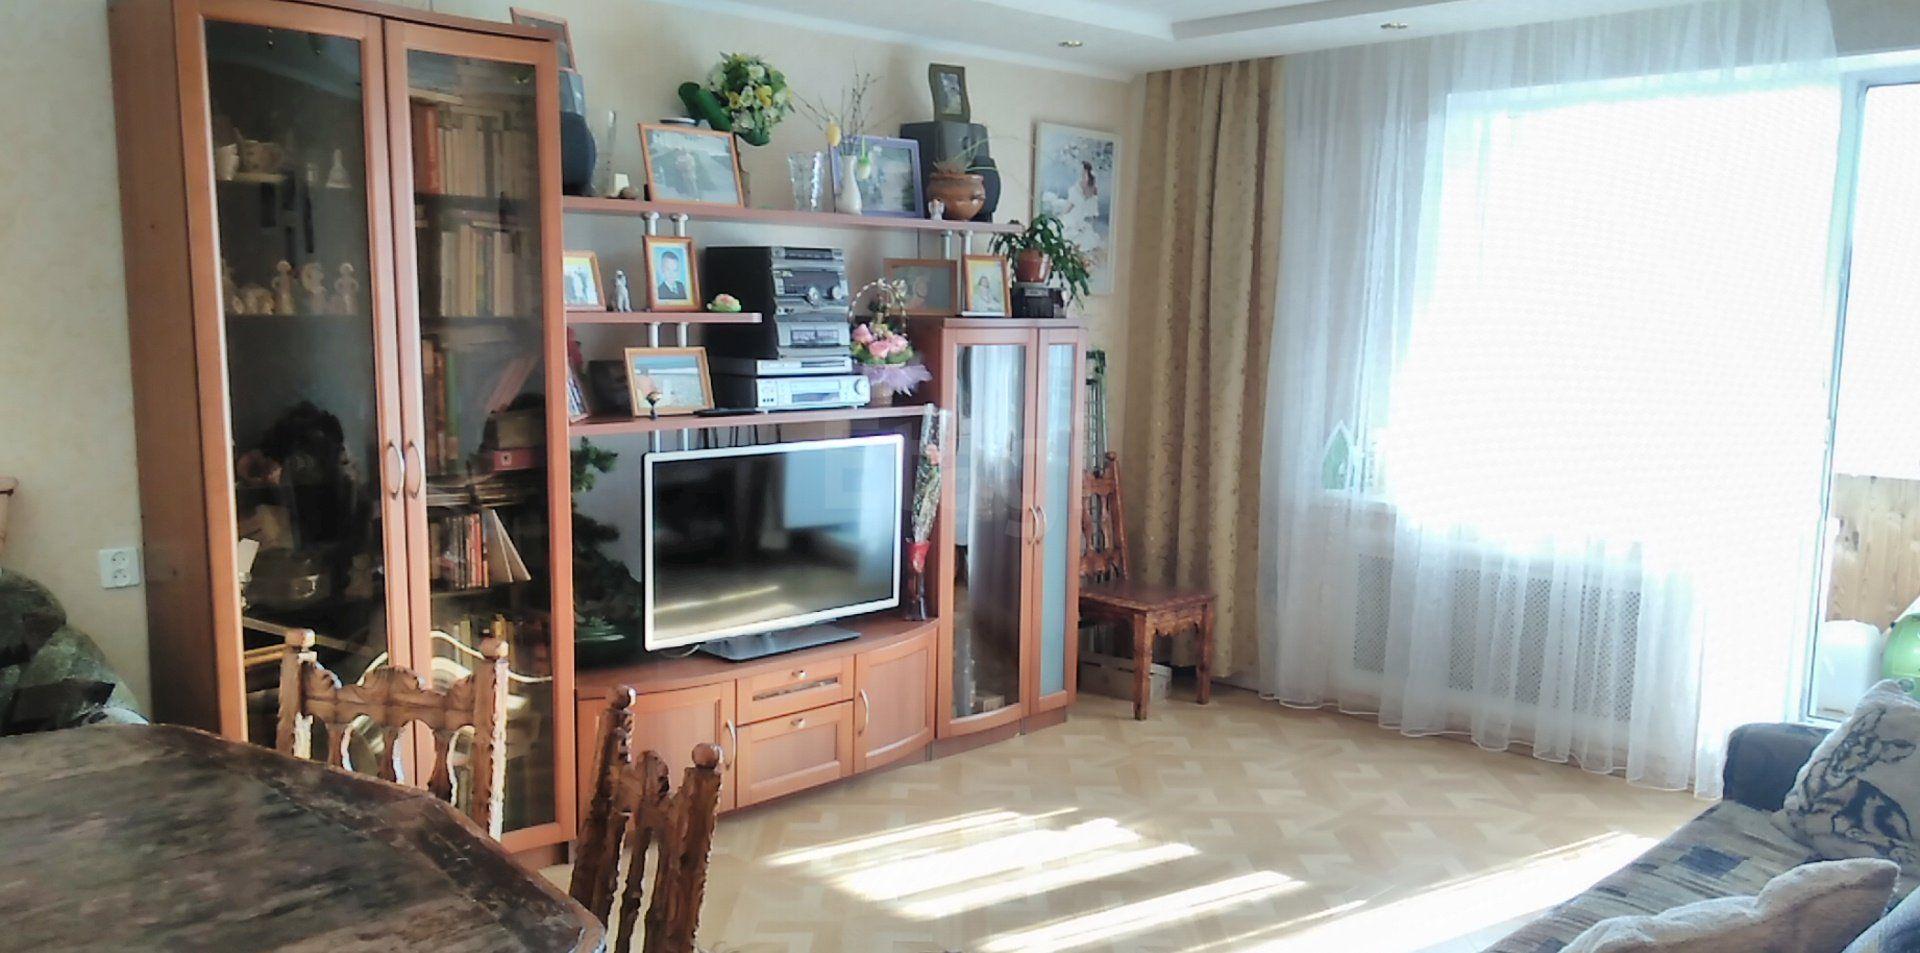 Продается четырехкомнатная квартира за 2 999 000 рублей. Северный, ул. Остинская, д. 52 (2.8 км до центра).